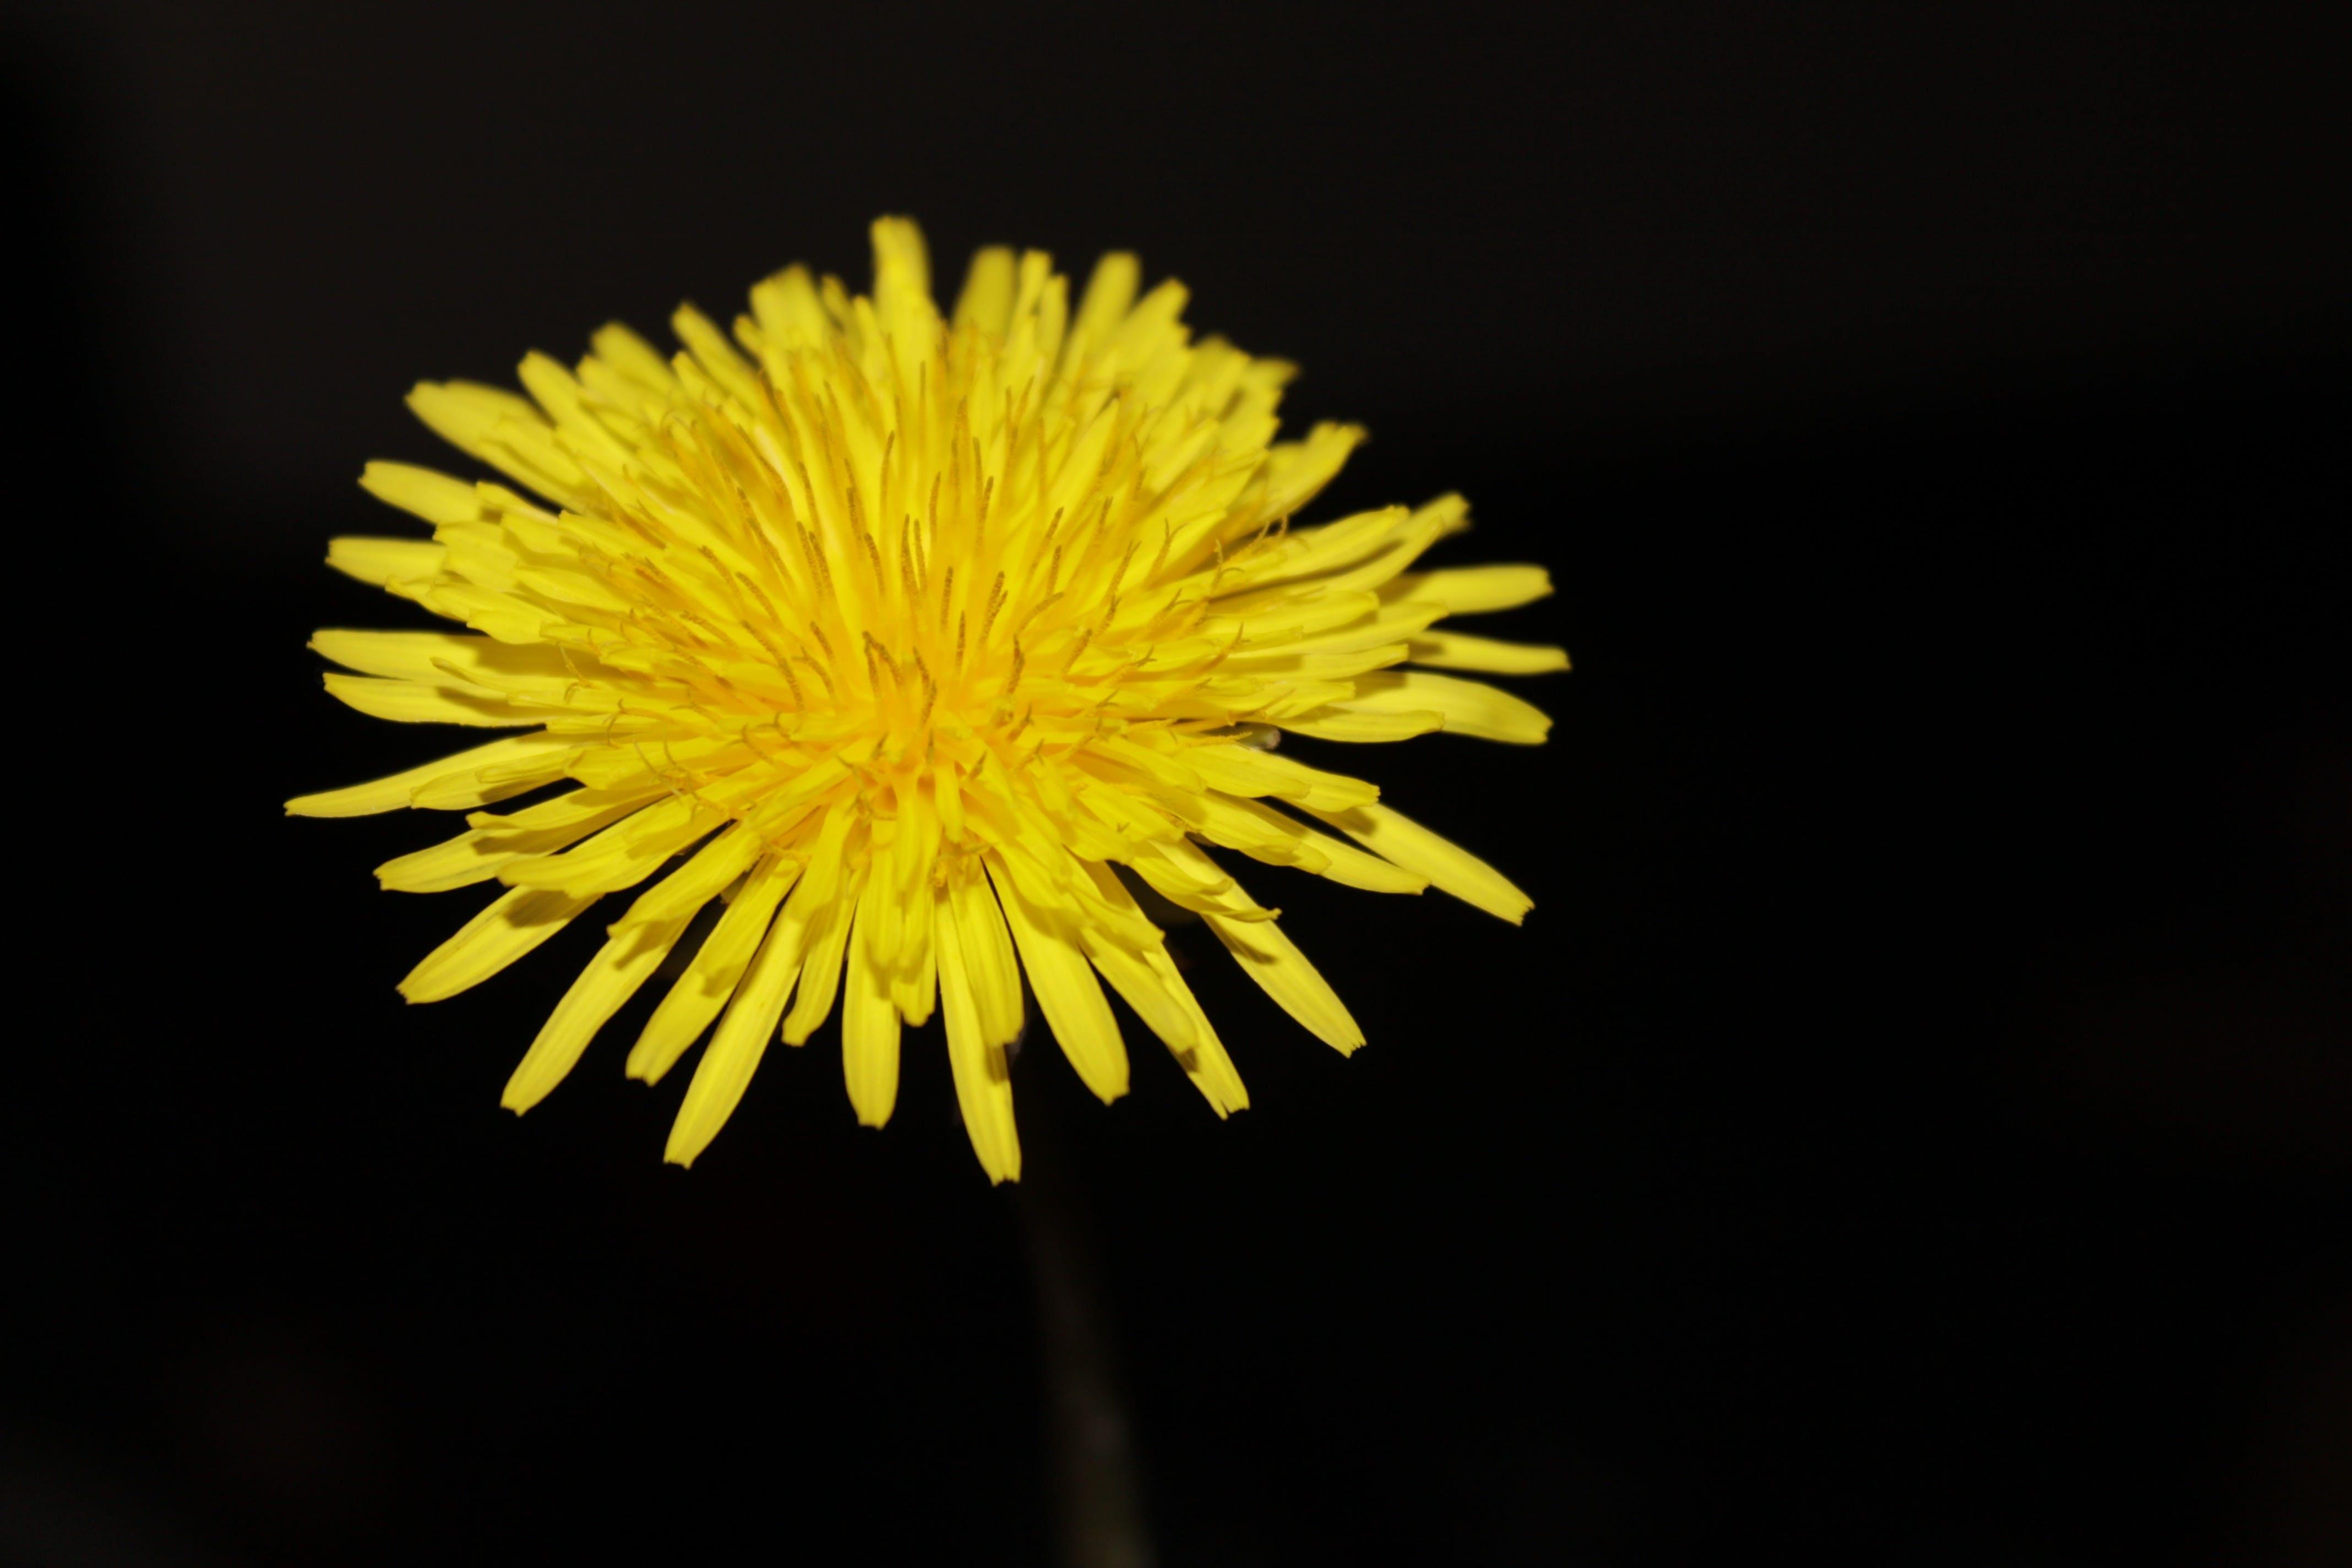 Foto profissional grátis de amarelo, broto, dente-de-leão, flor